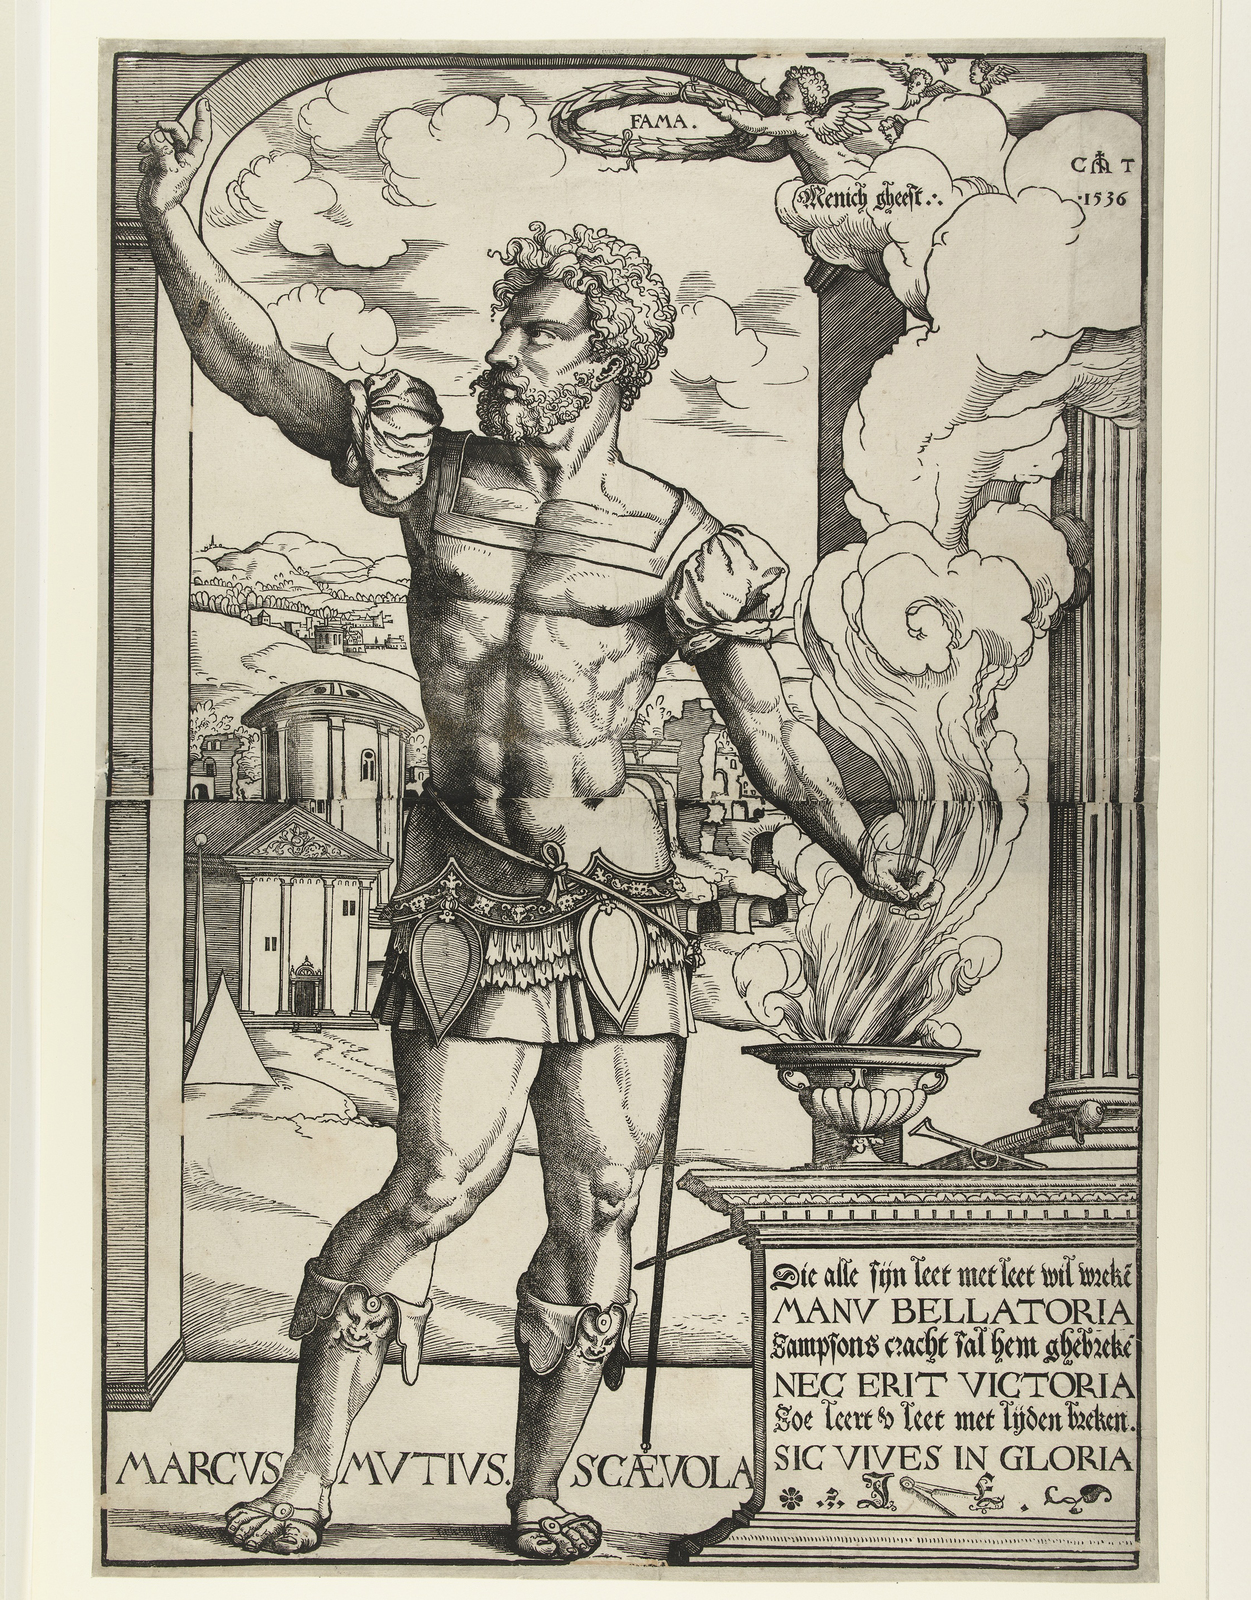 Marcus Mucius Scaevola